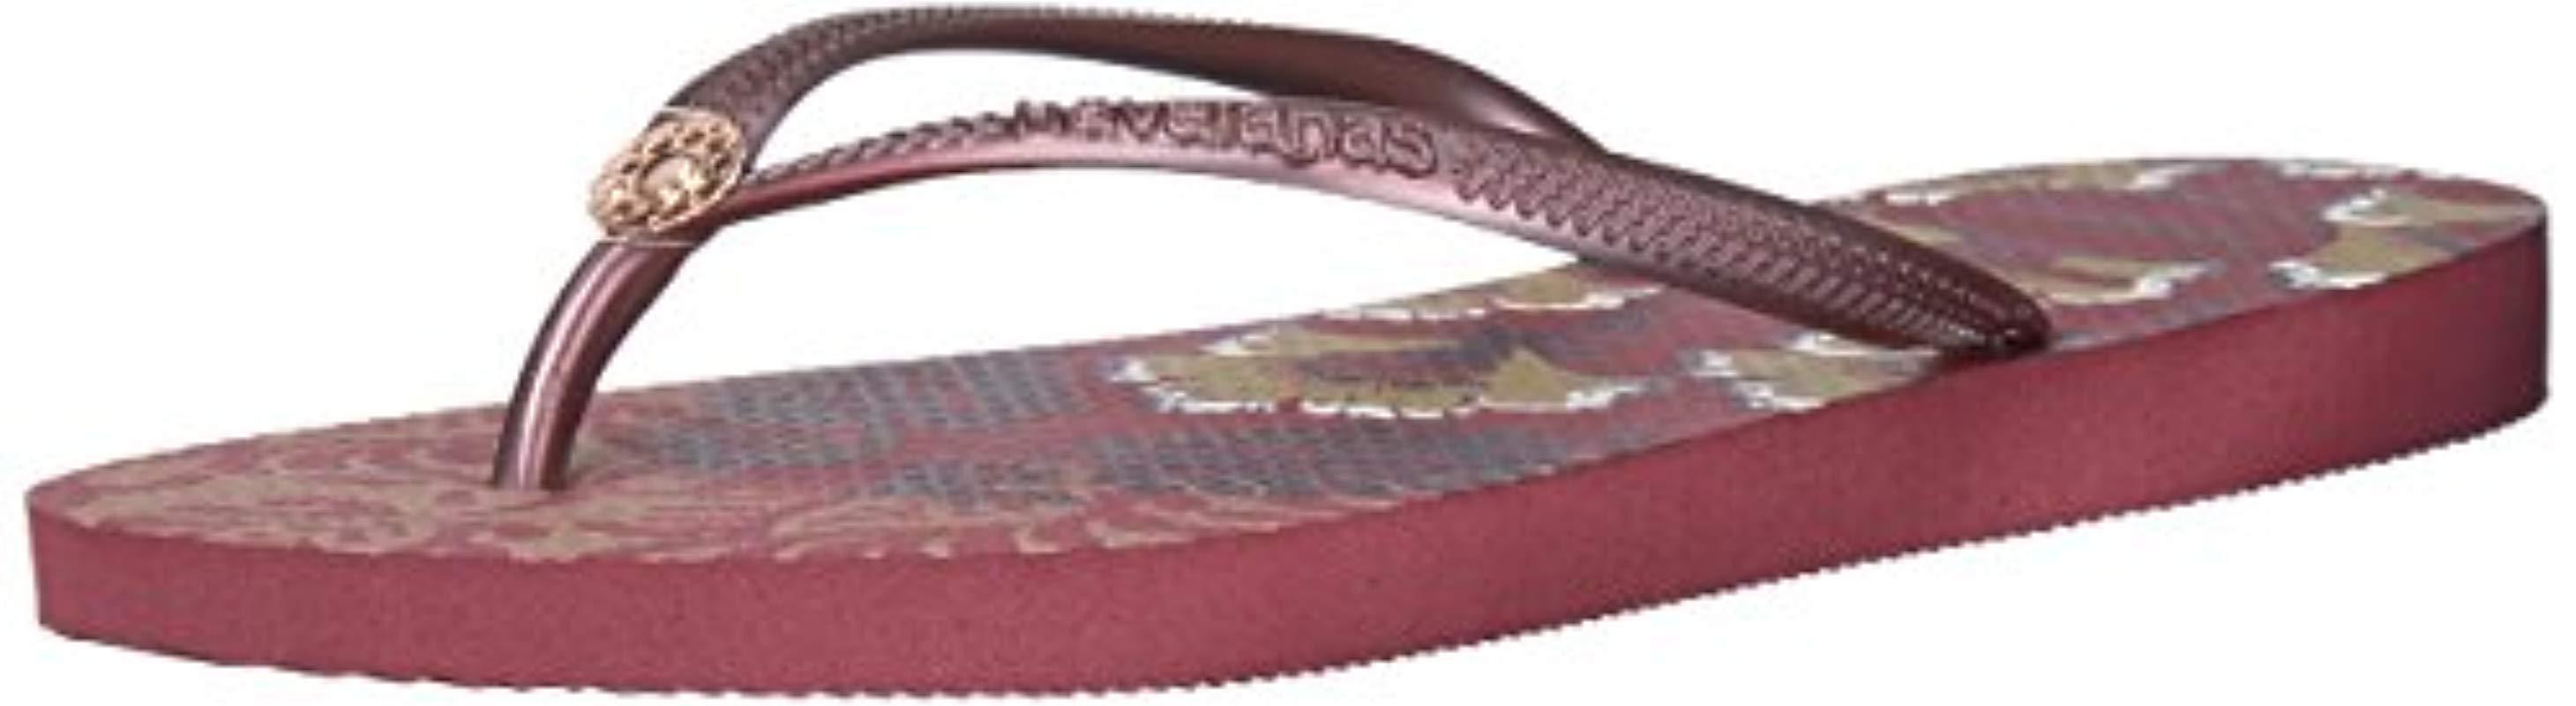 c43d030e6d78 Havaianas. Women s Purple Slim Flip Flop Sandals